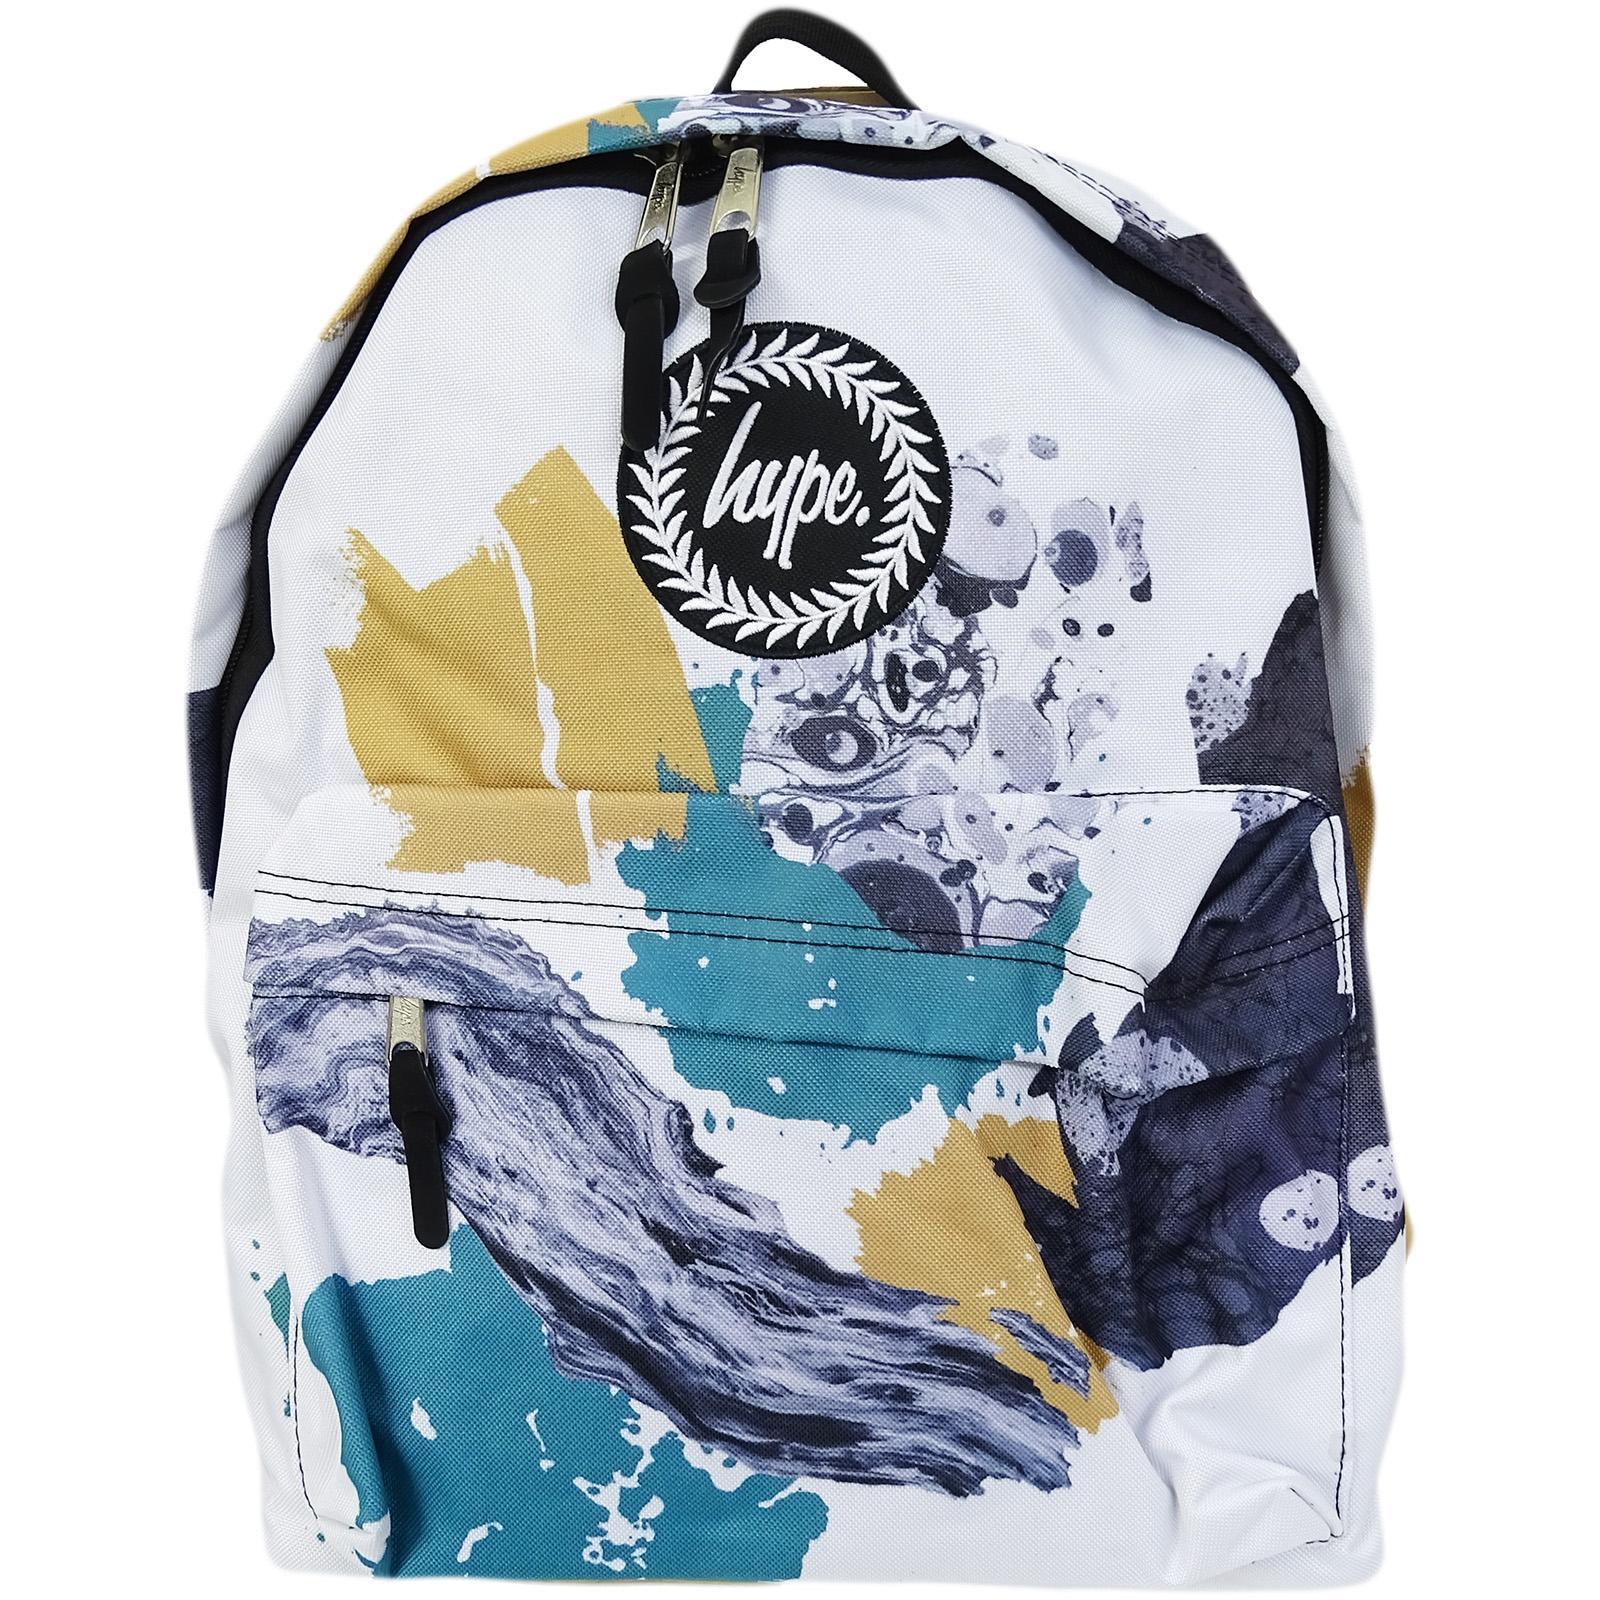 Hype White Backpack / Rucksack Bag Roke Flow (Rock